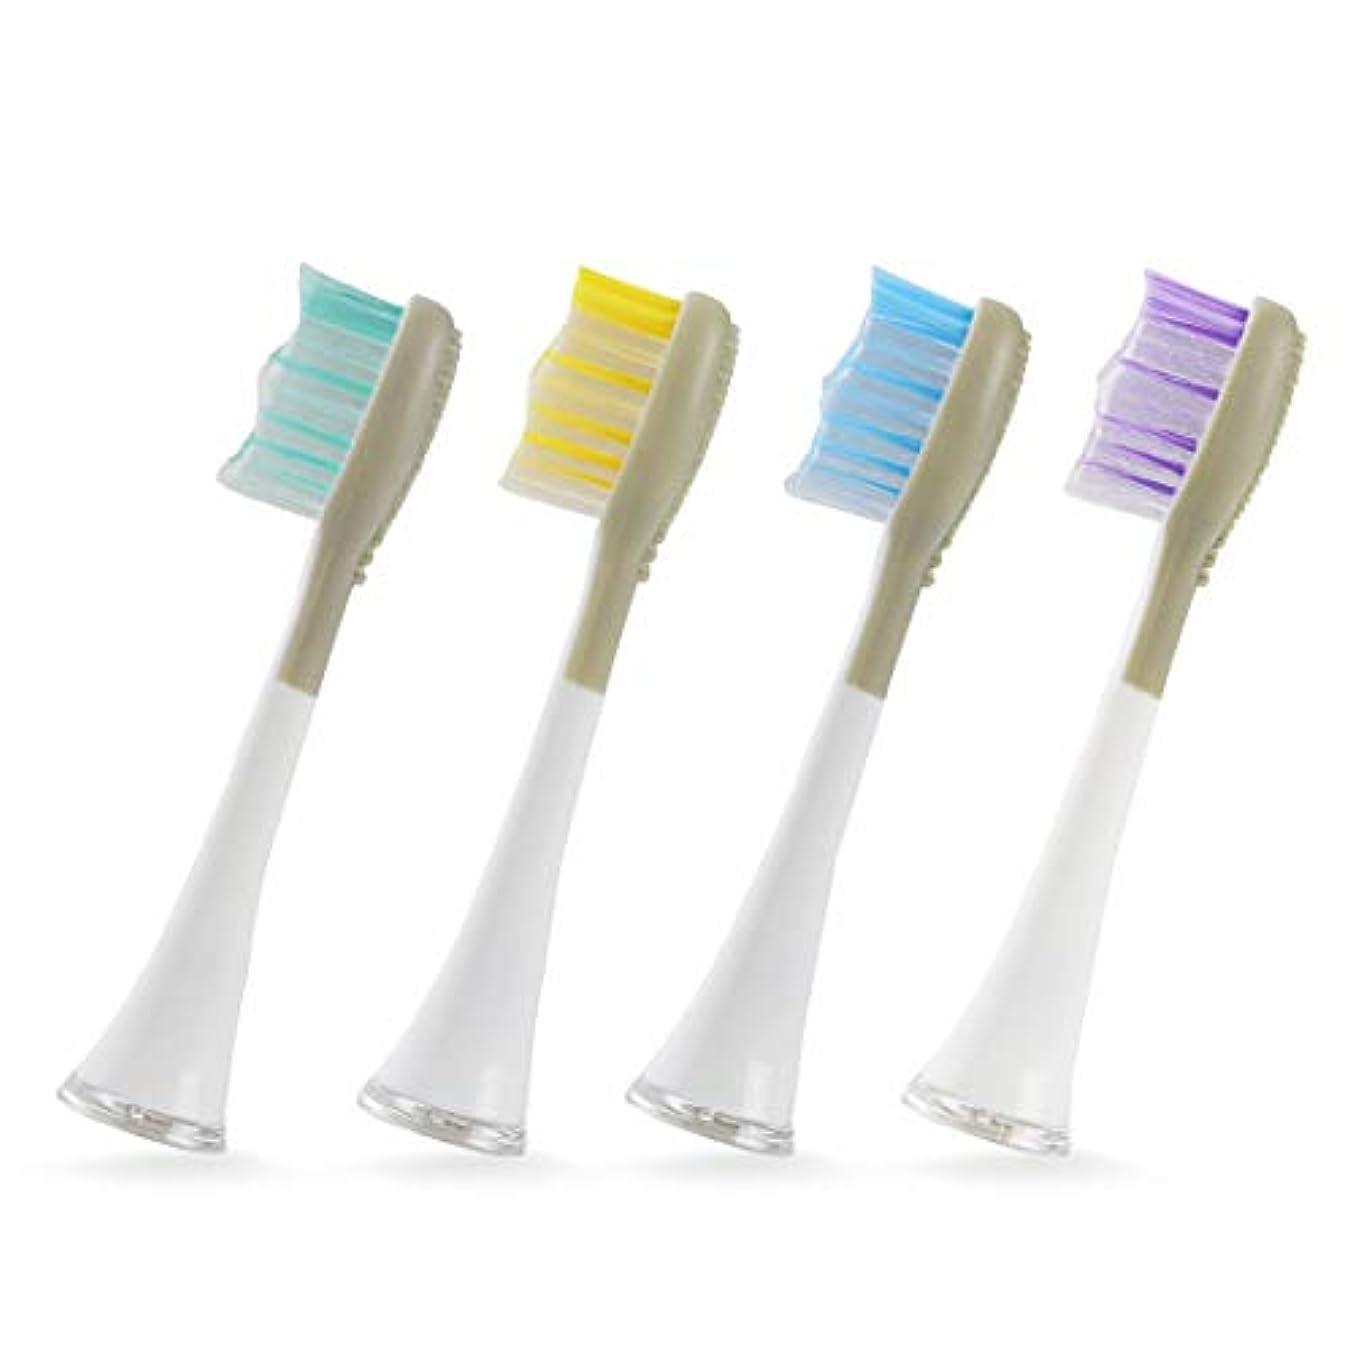 血まみれ要求する発揮するクルラ(Qurra) 電動歯ブラシ 音波式 Basic 替えブラシ 4個セット 舌クリーナー 付